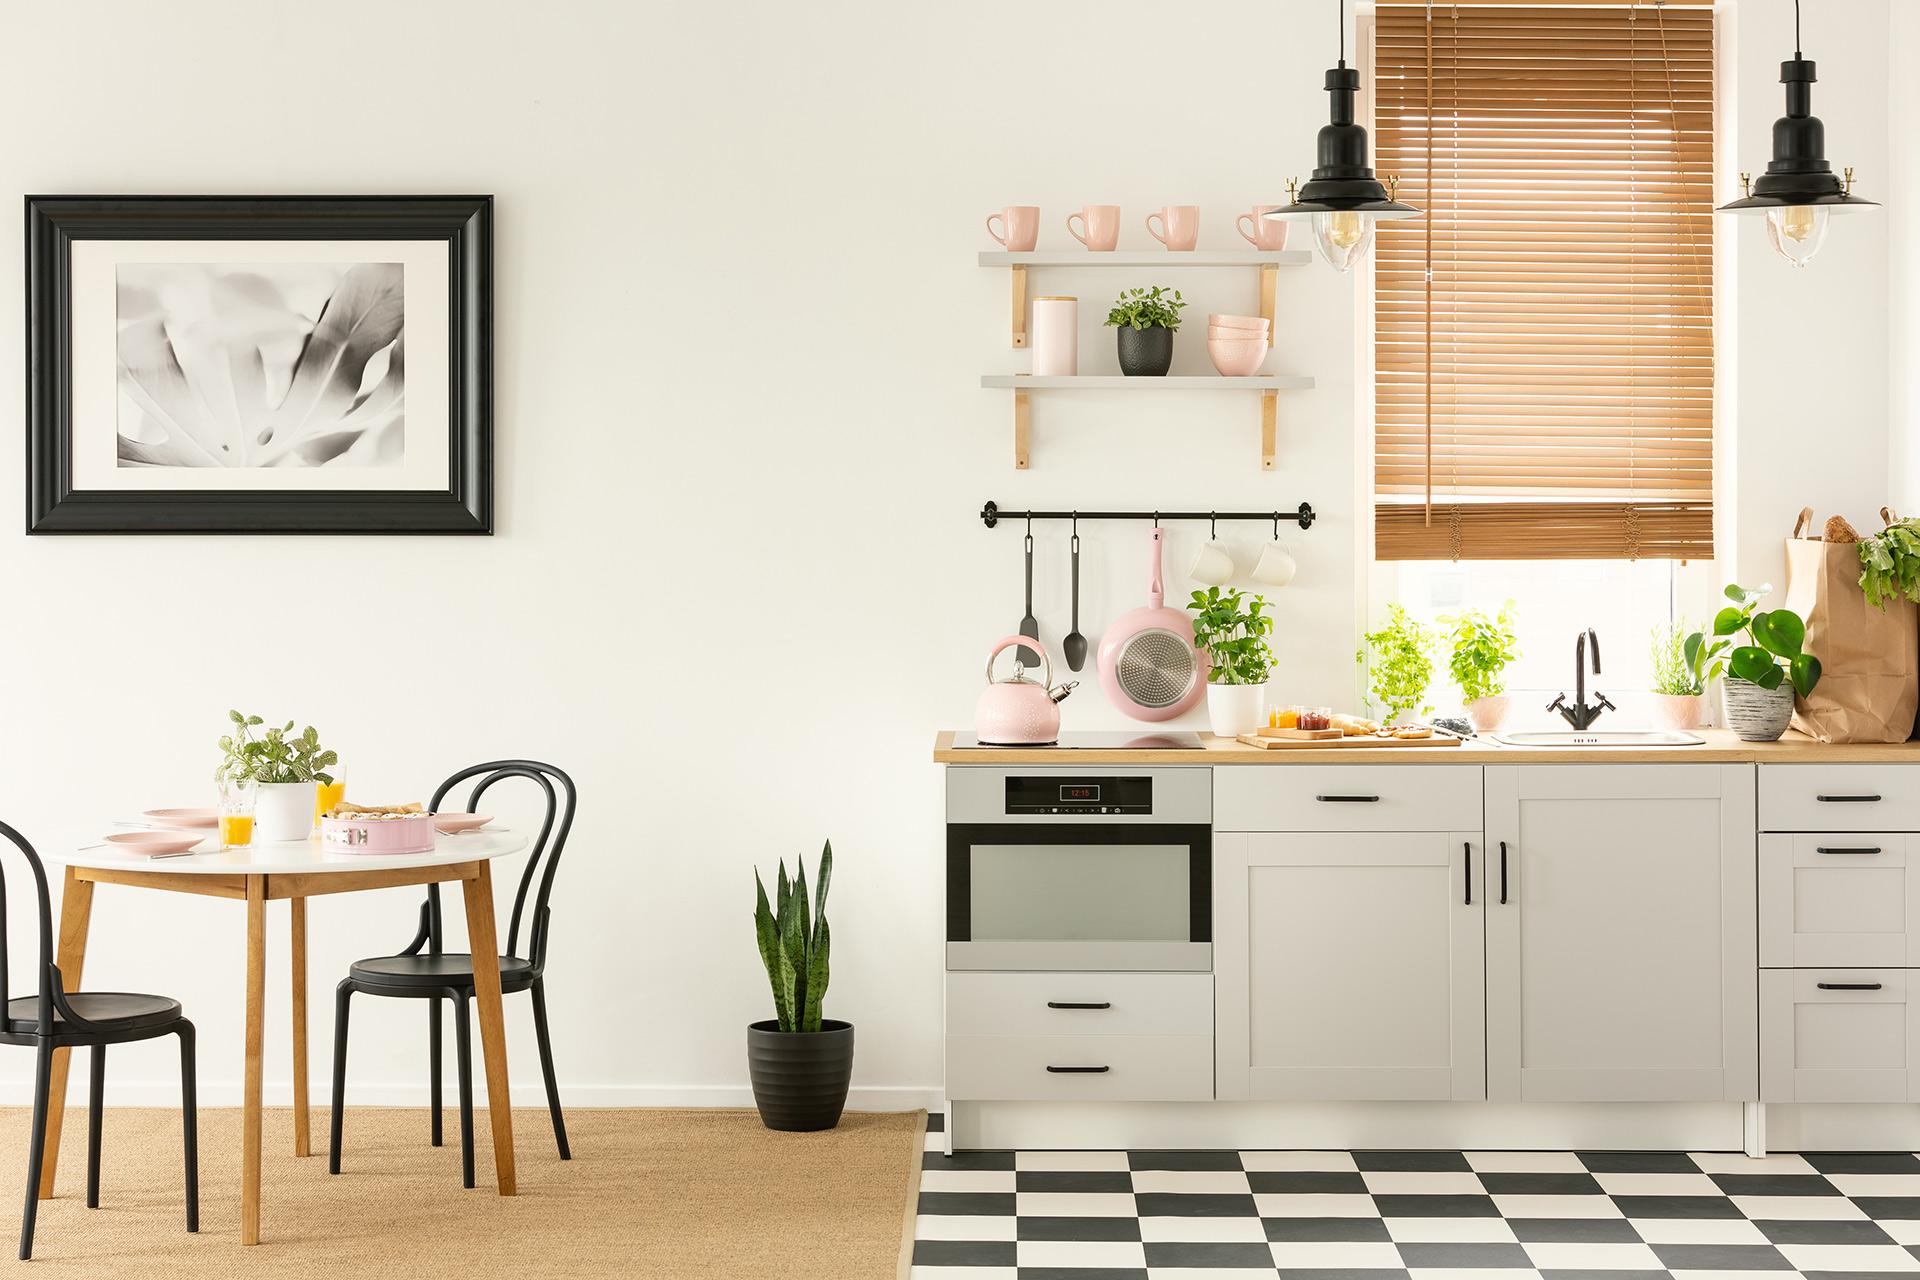 nowoczesny obraz w ramie do kuchni